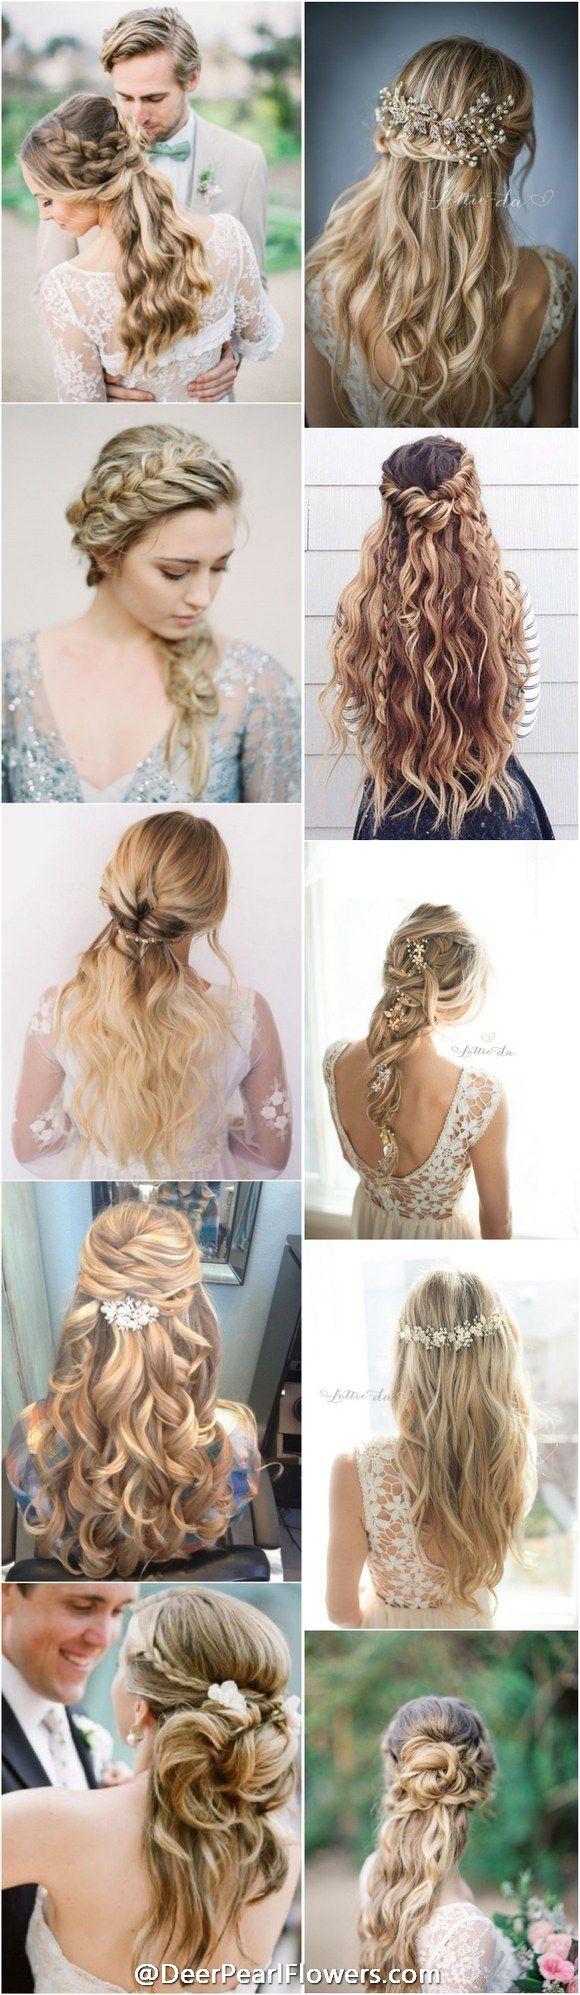 1000+ wedding hairstyles for long hair / deerpearlflowers....